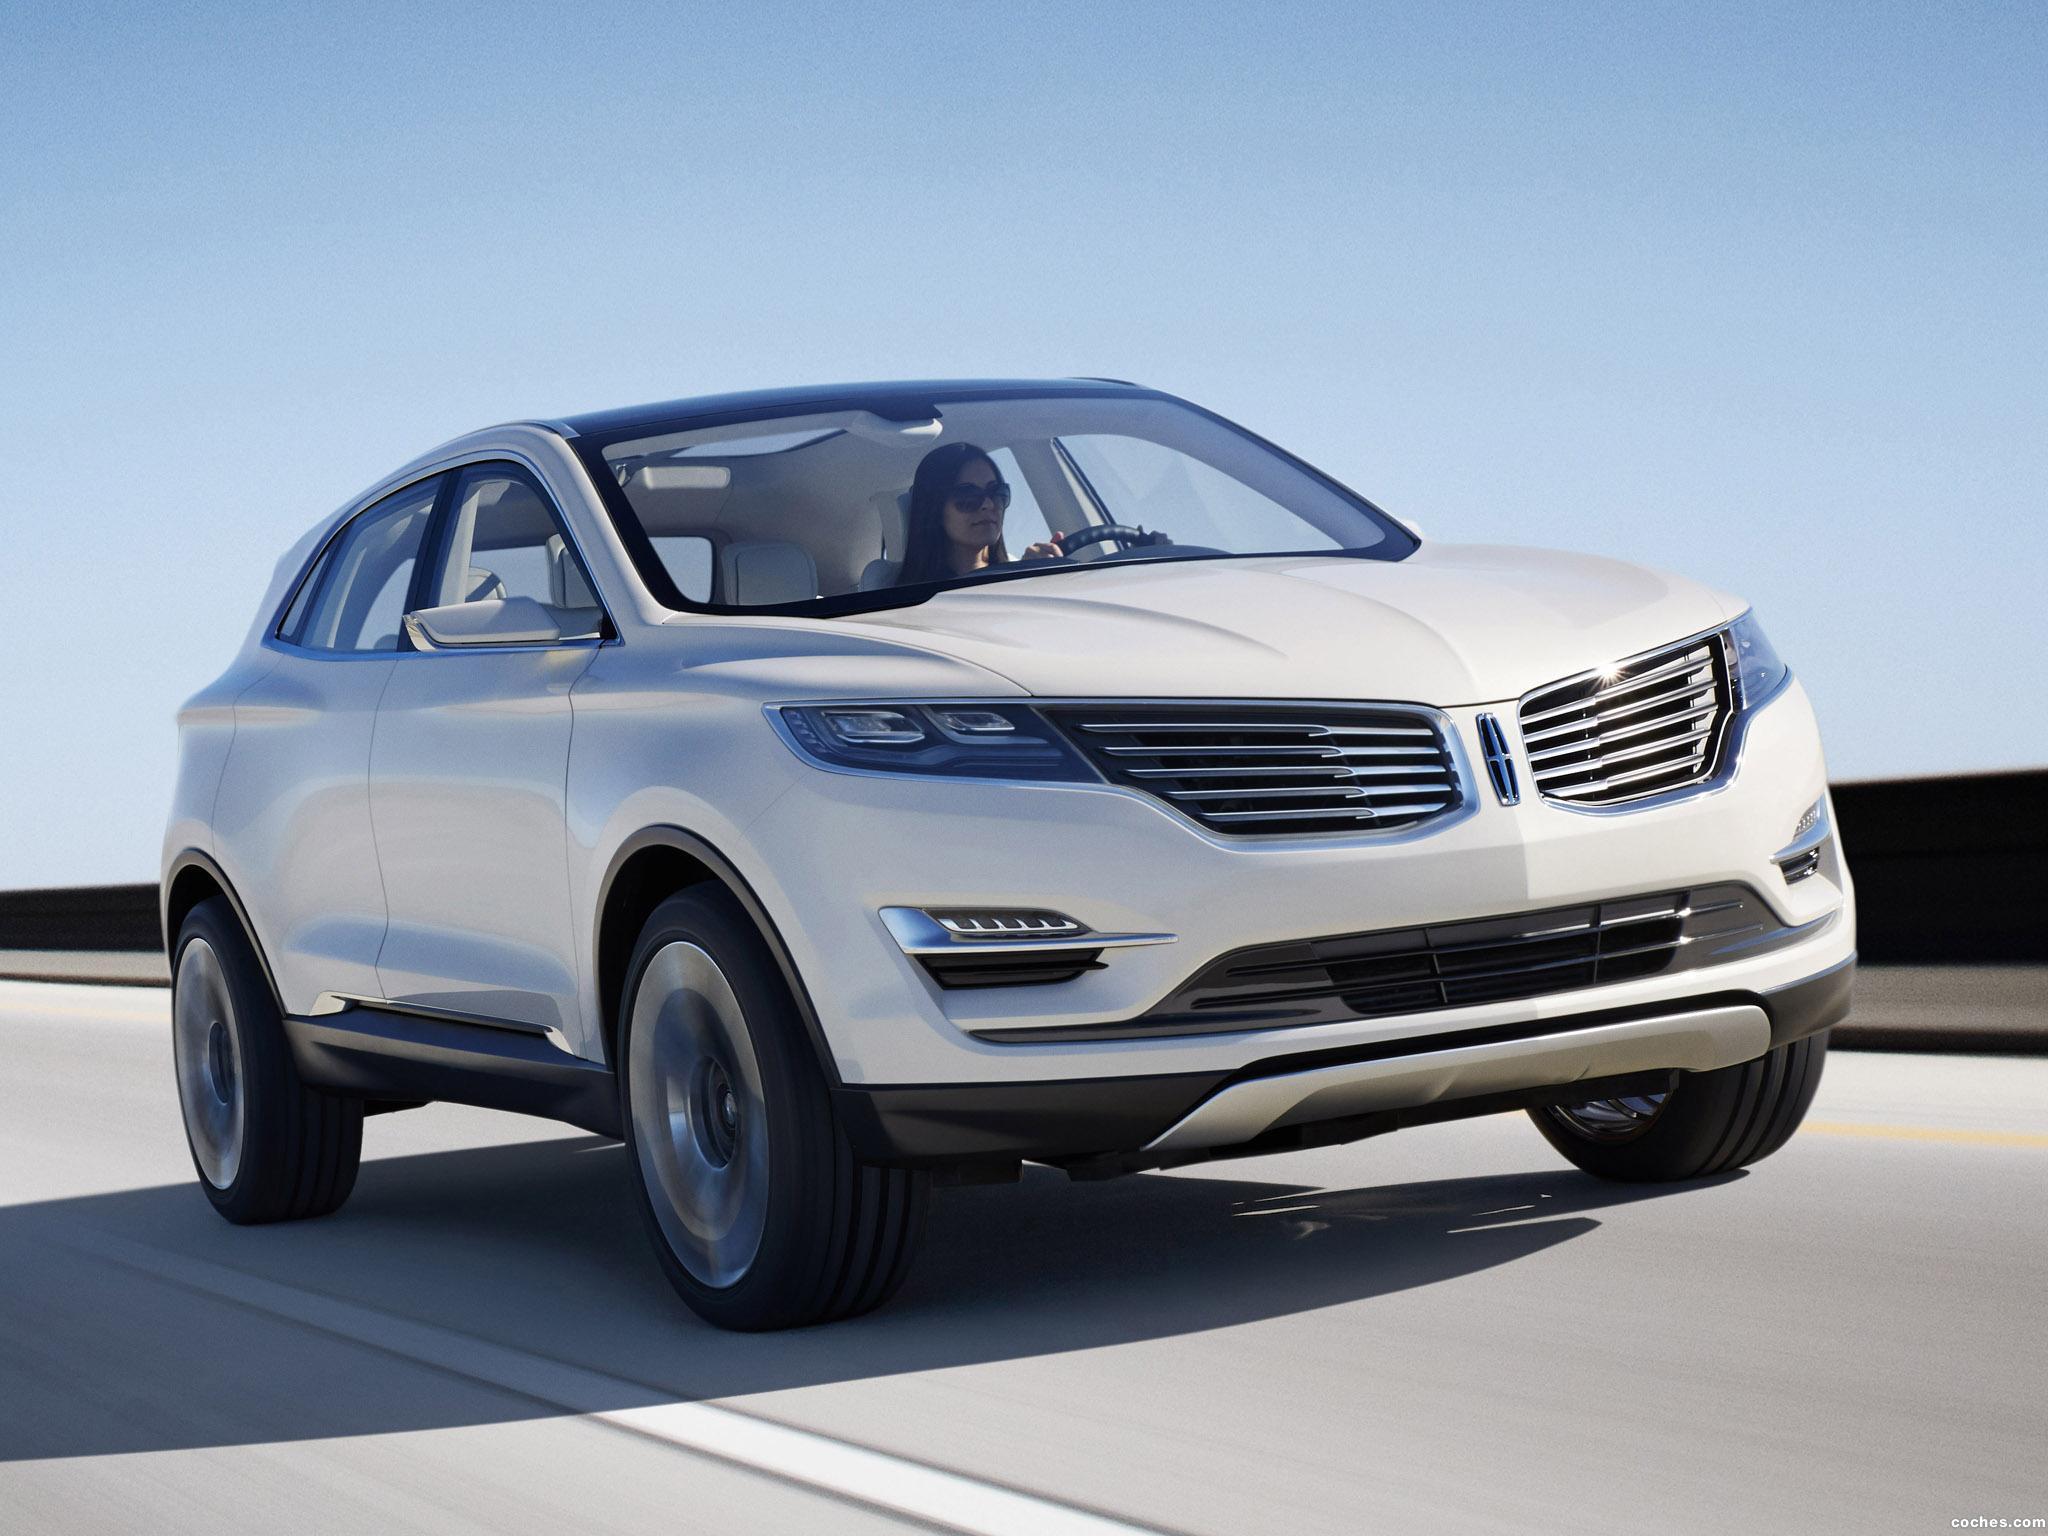 Foto 0 de Lincoln MKC Concept 2013